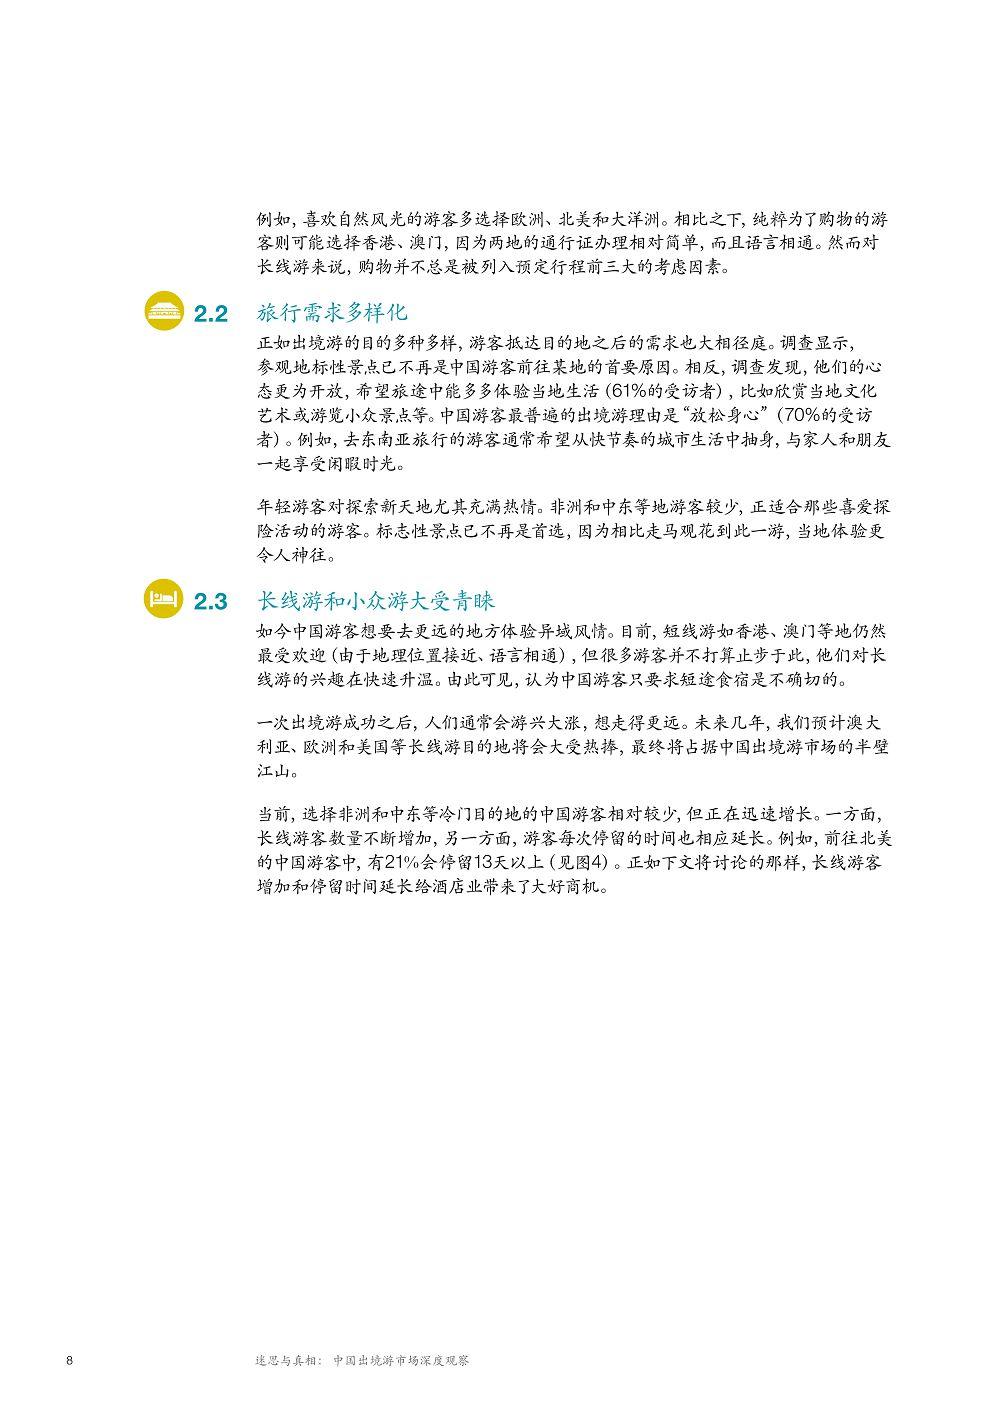 McK_China-tourism-report-2018_CN_12